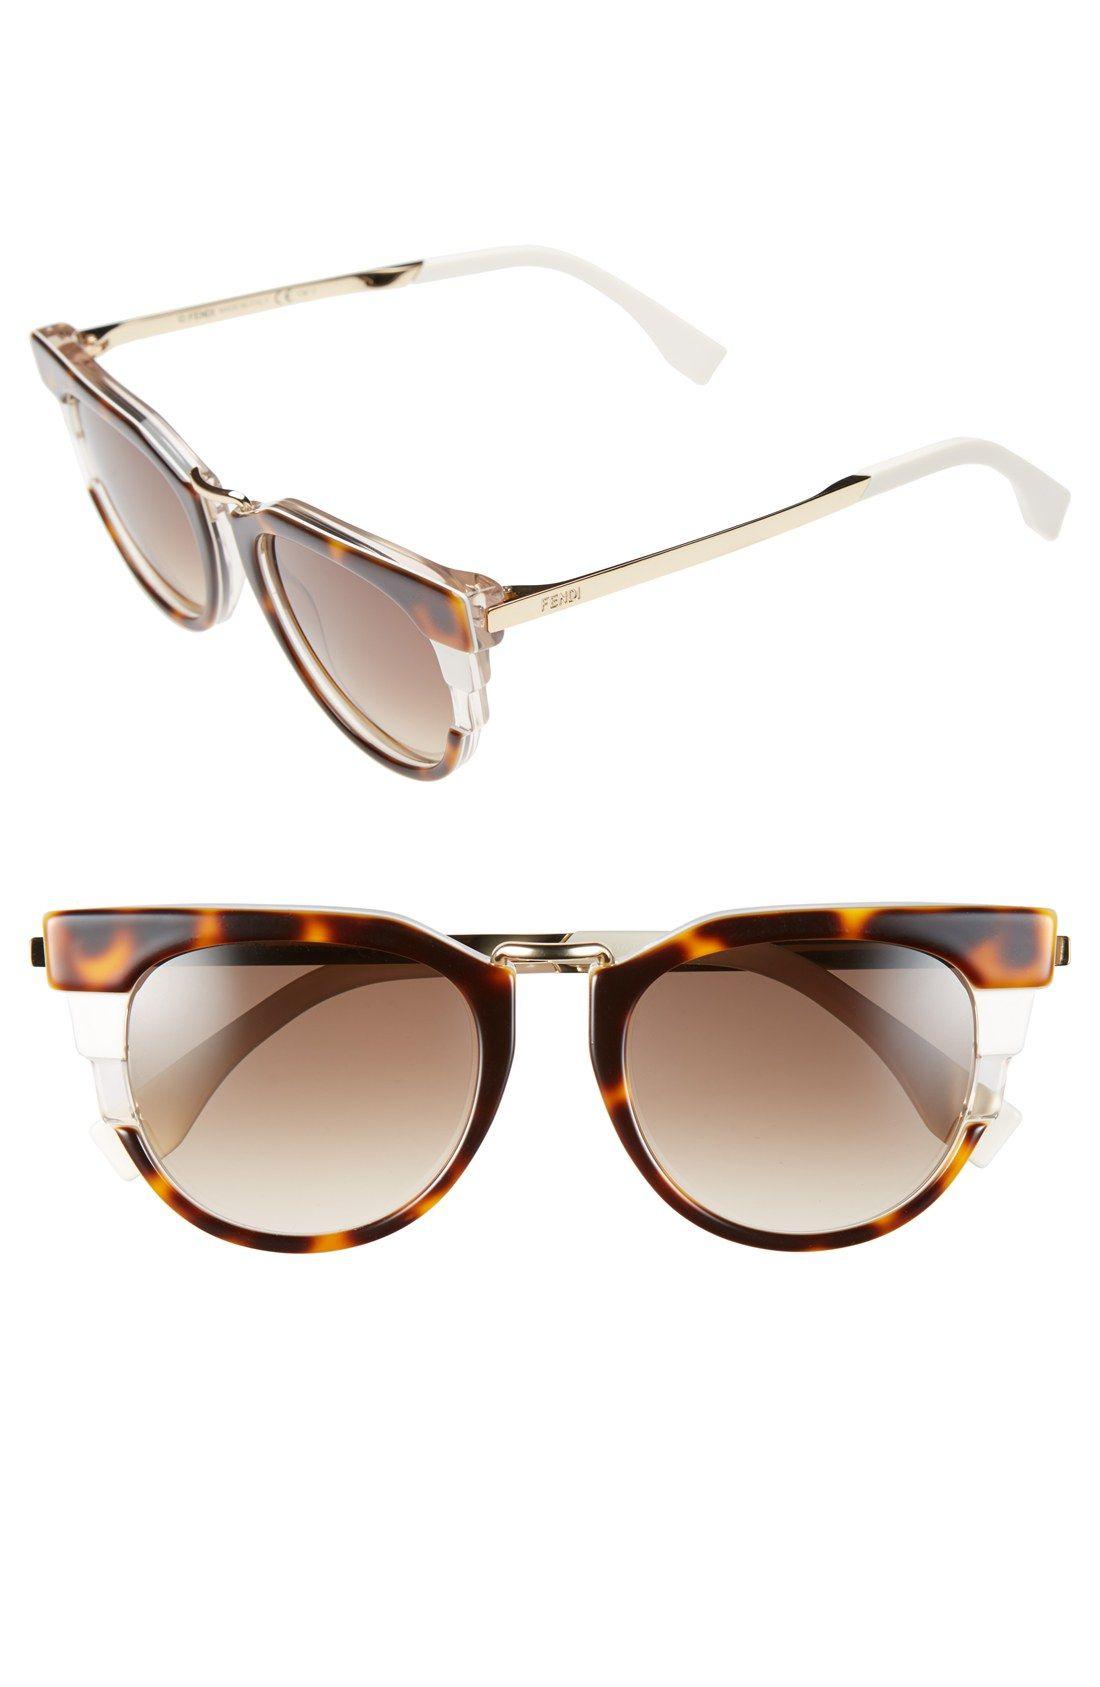 5c37fb1337d Fendi 52mm Retro Sunglasses